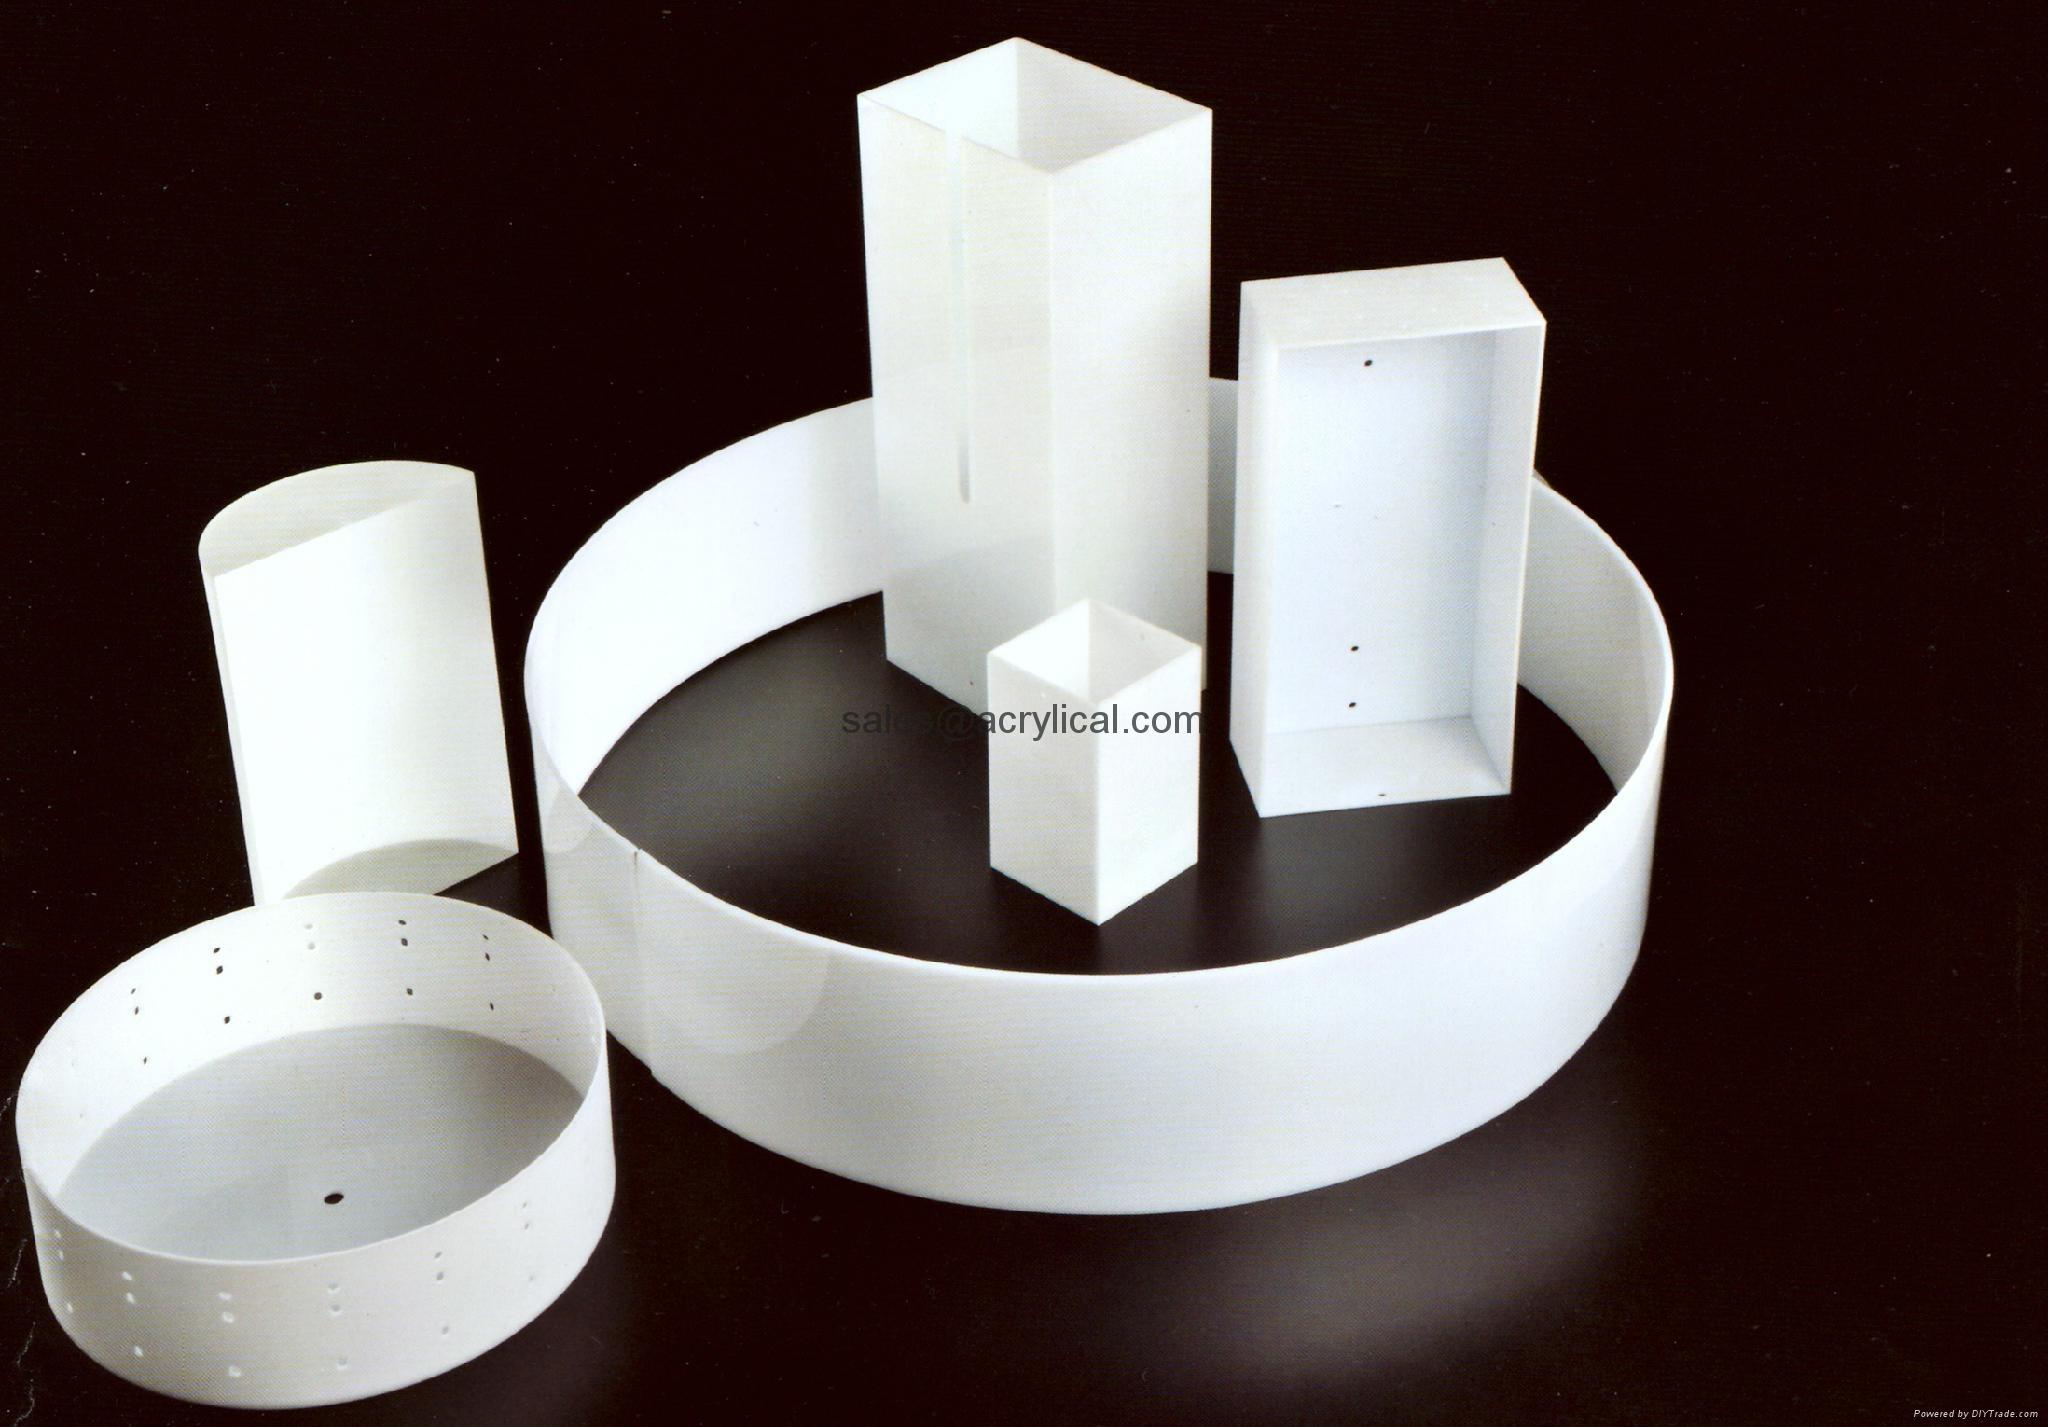 Clear Extruded Acrylic Rod,Acrylic Rods, Clear Plastic Rods, Plastic Rods,Clear Cast Acrylic Rods